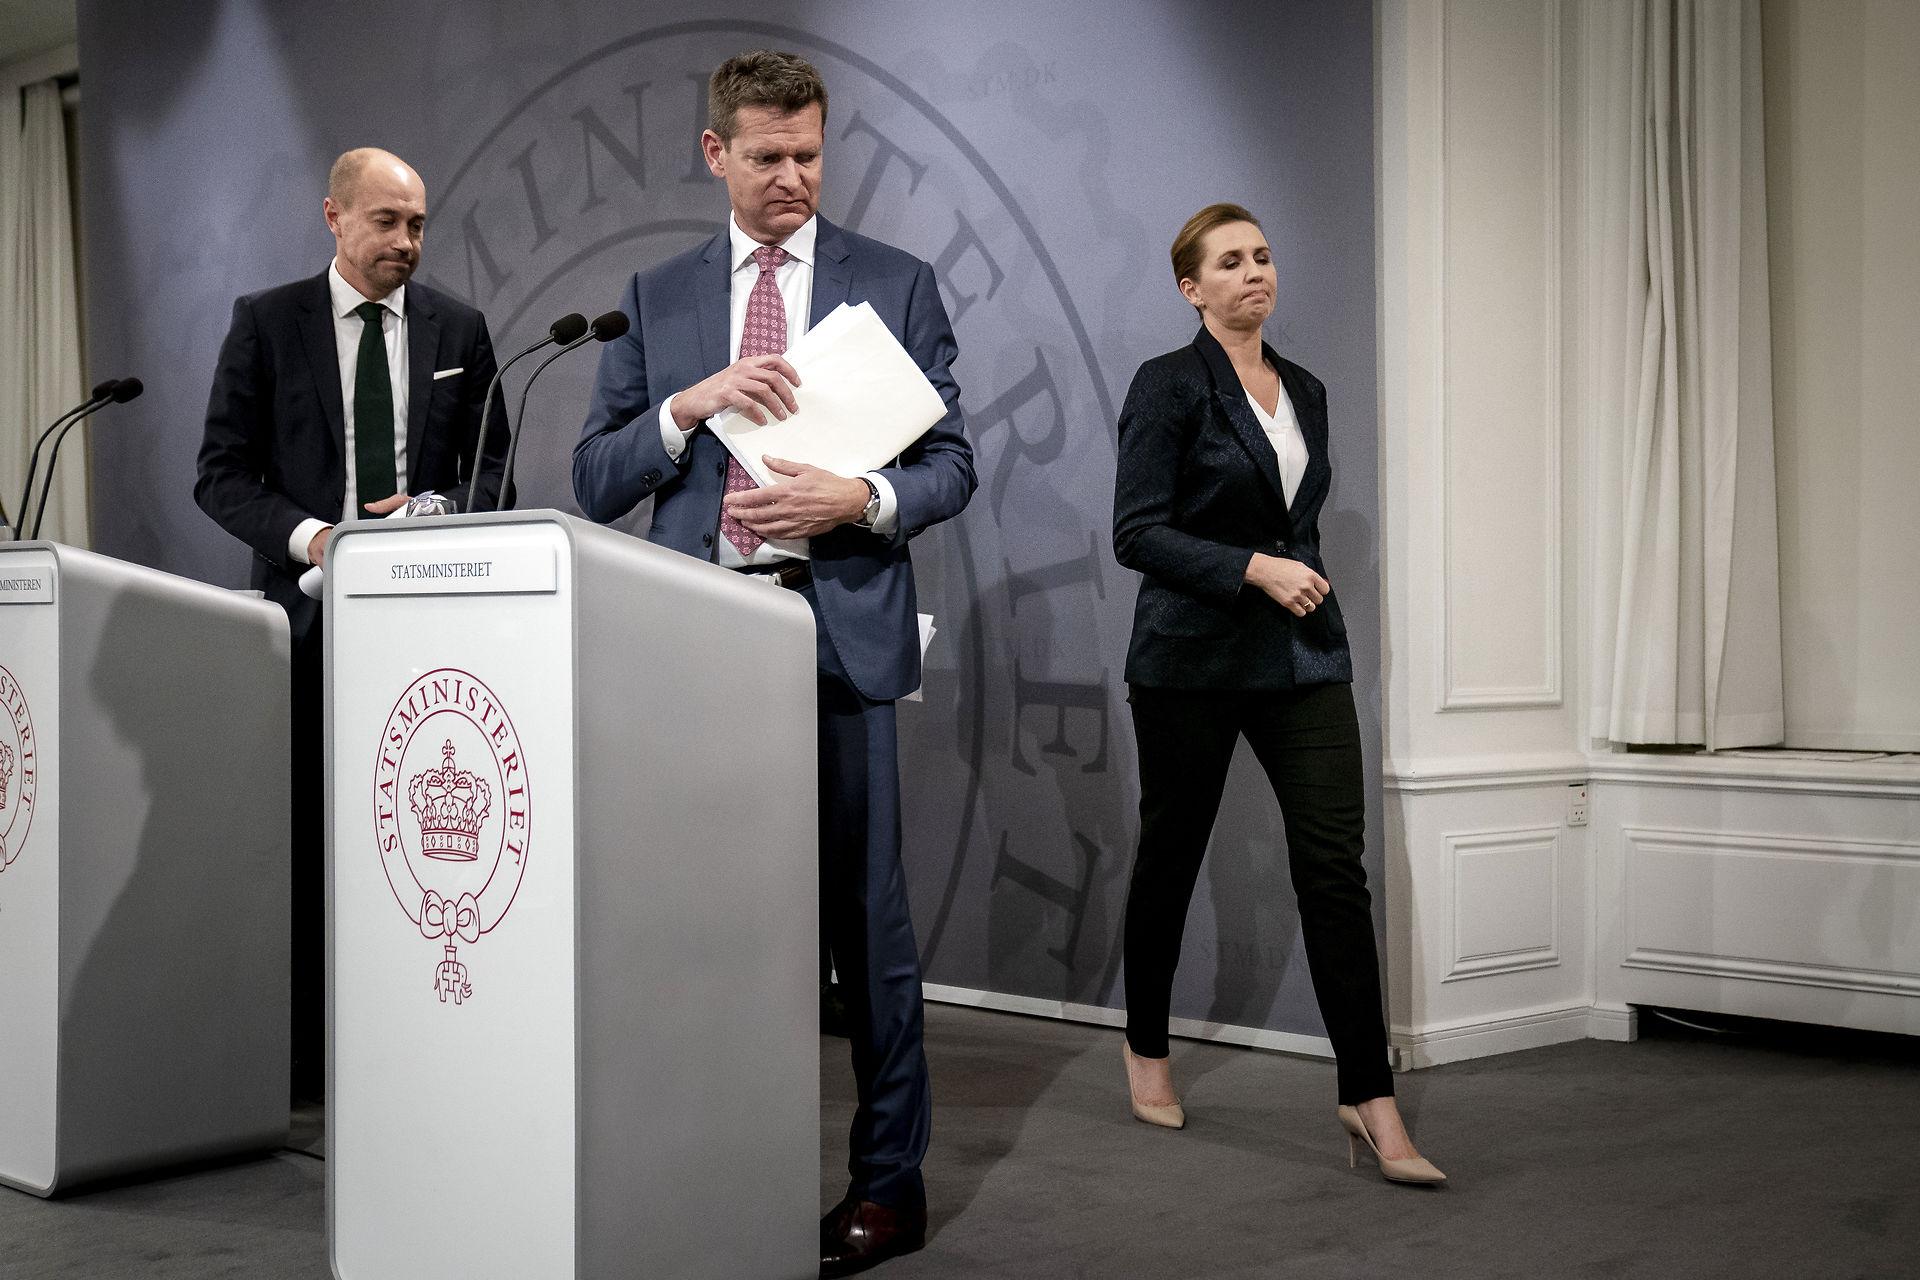 Søren Brostrøm giver Mette Frederiksen baghjul på corona-kommunikation